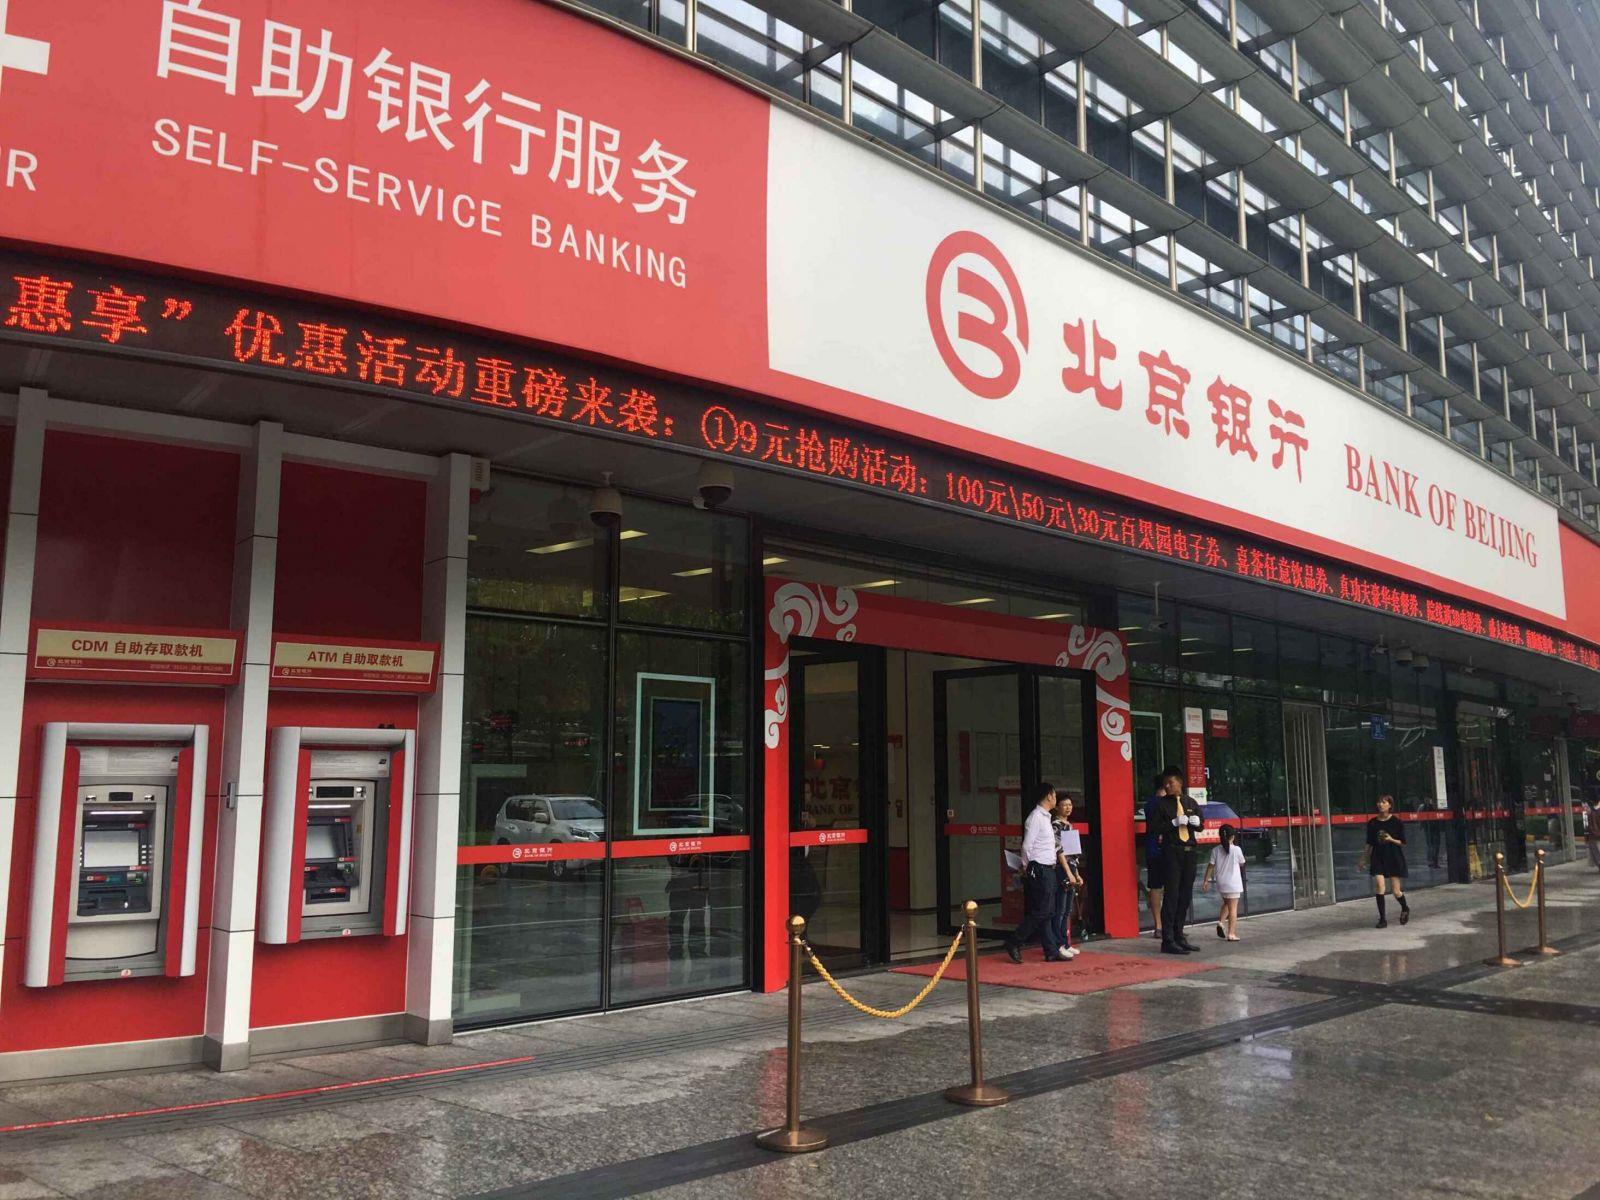 傳深圳部分銀行下調首套房貸利率